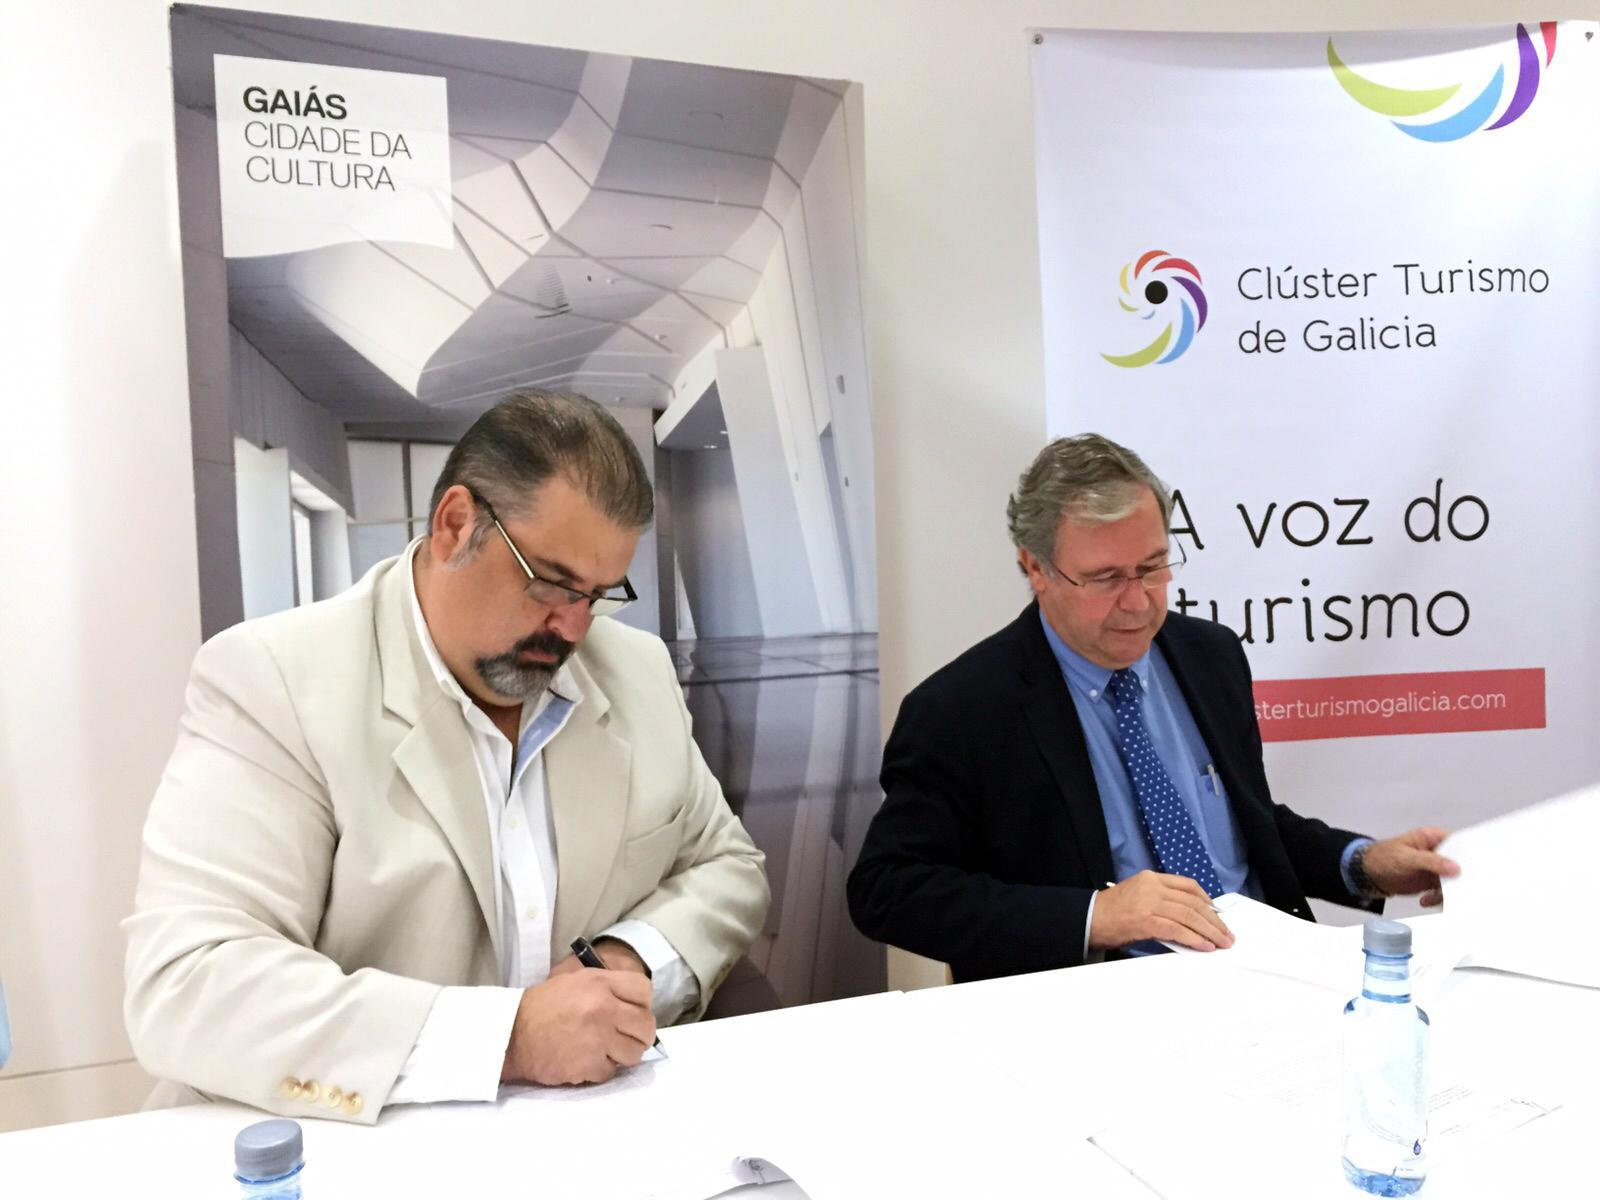 El Clúster del Turismo de Galicia y la Escuela de Negocios Afundación trabajarán para mejorar la formación del sector turístico gallego